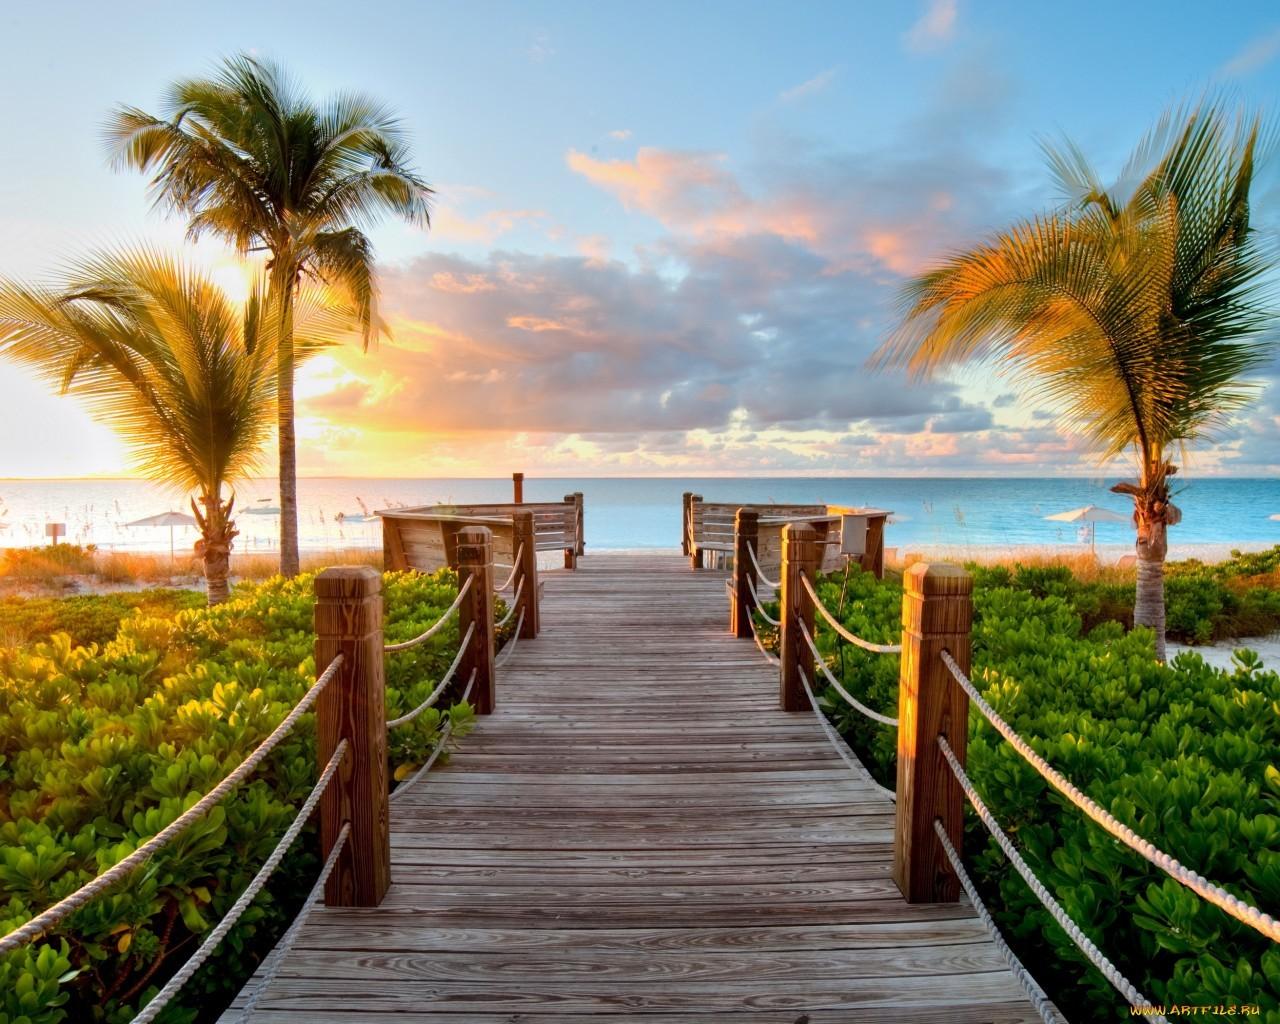 17123 скачать обои Пейзаж, Закат, Море, Пляж, Пальмы - заставки и картинки бесплатно